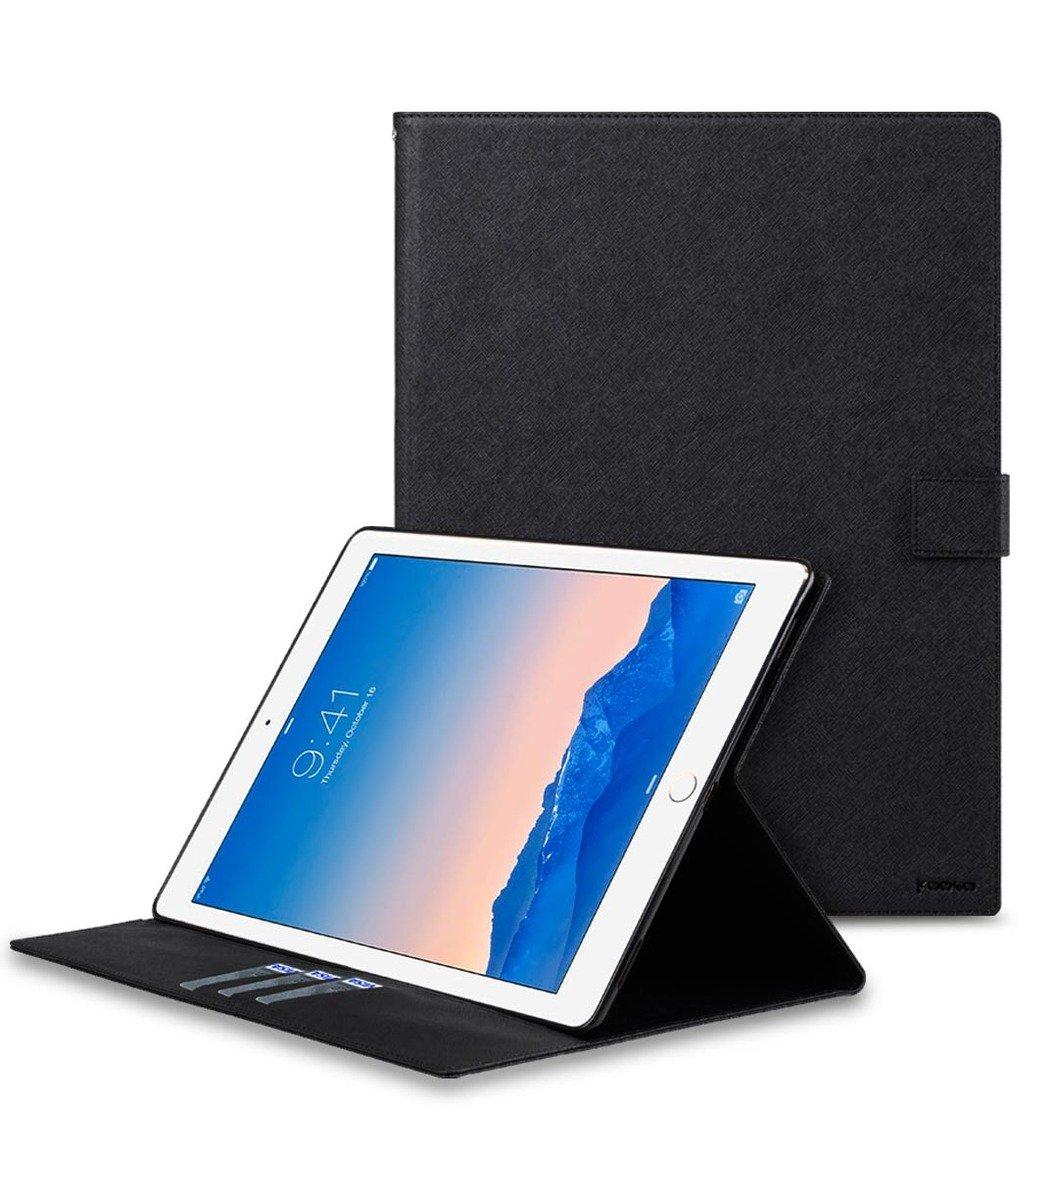 韓國 Kooso Apple iPad Pro 保護套 (黑色十字紋PU)